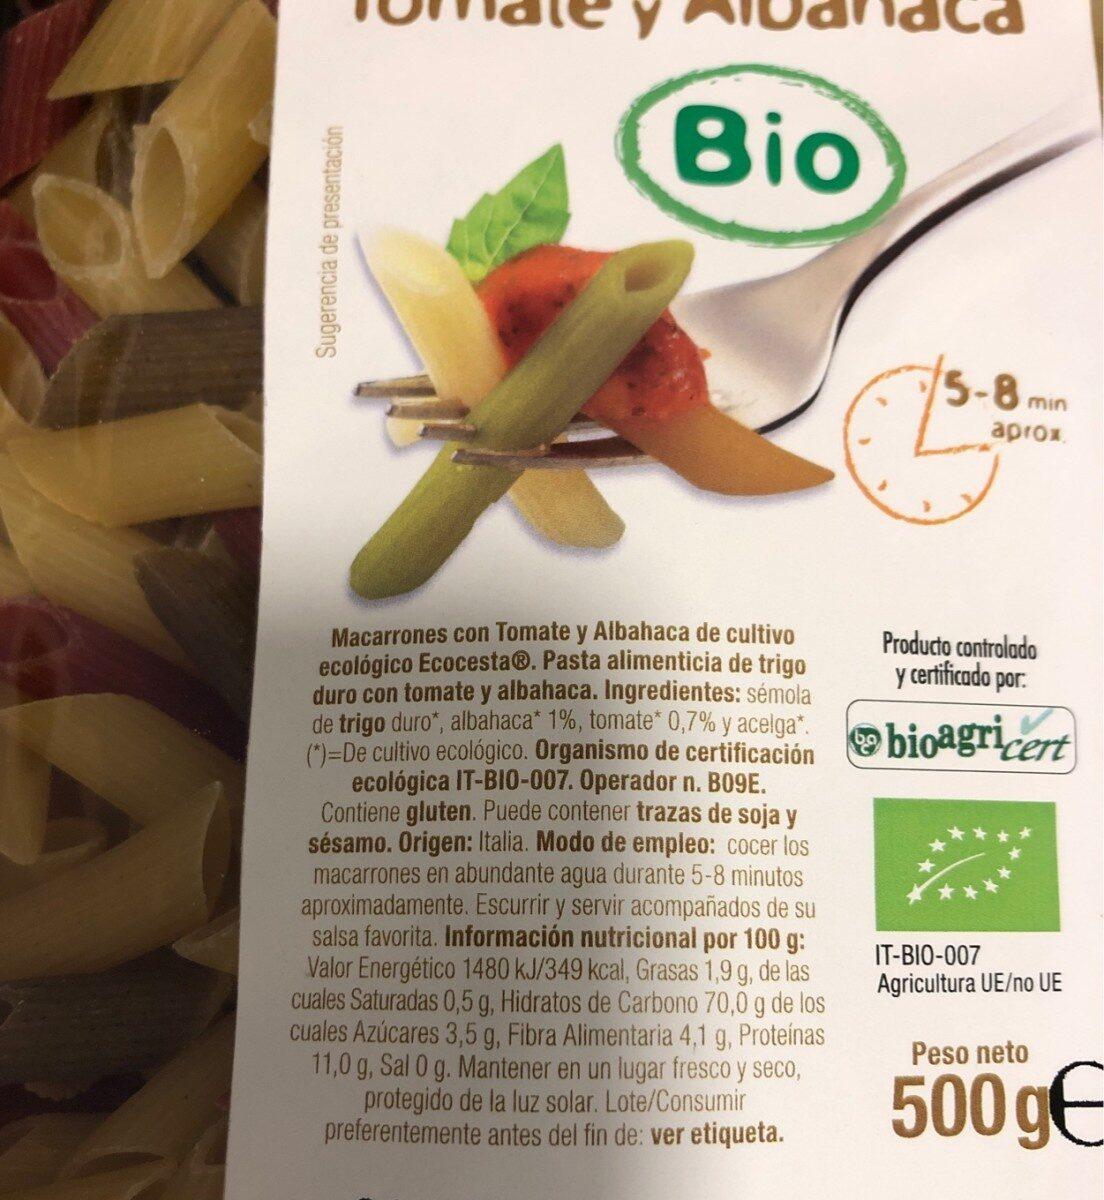 Macarrones Con Tomate Y Albahaca Ecológico - Ingredientes